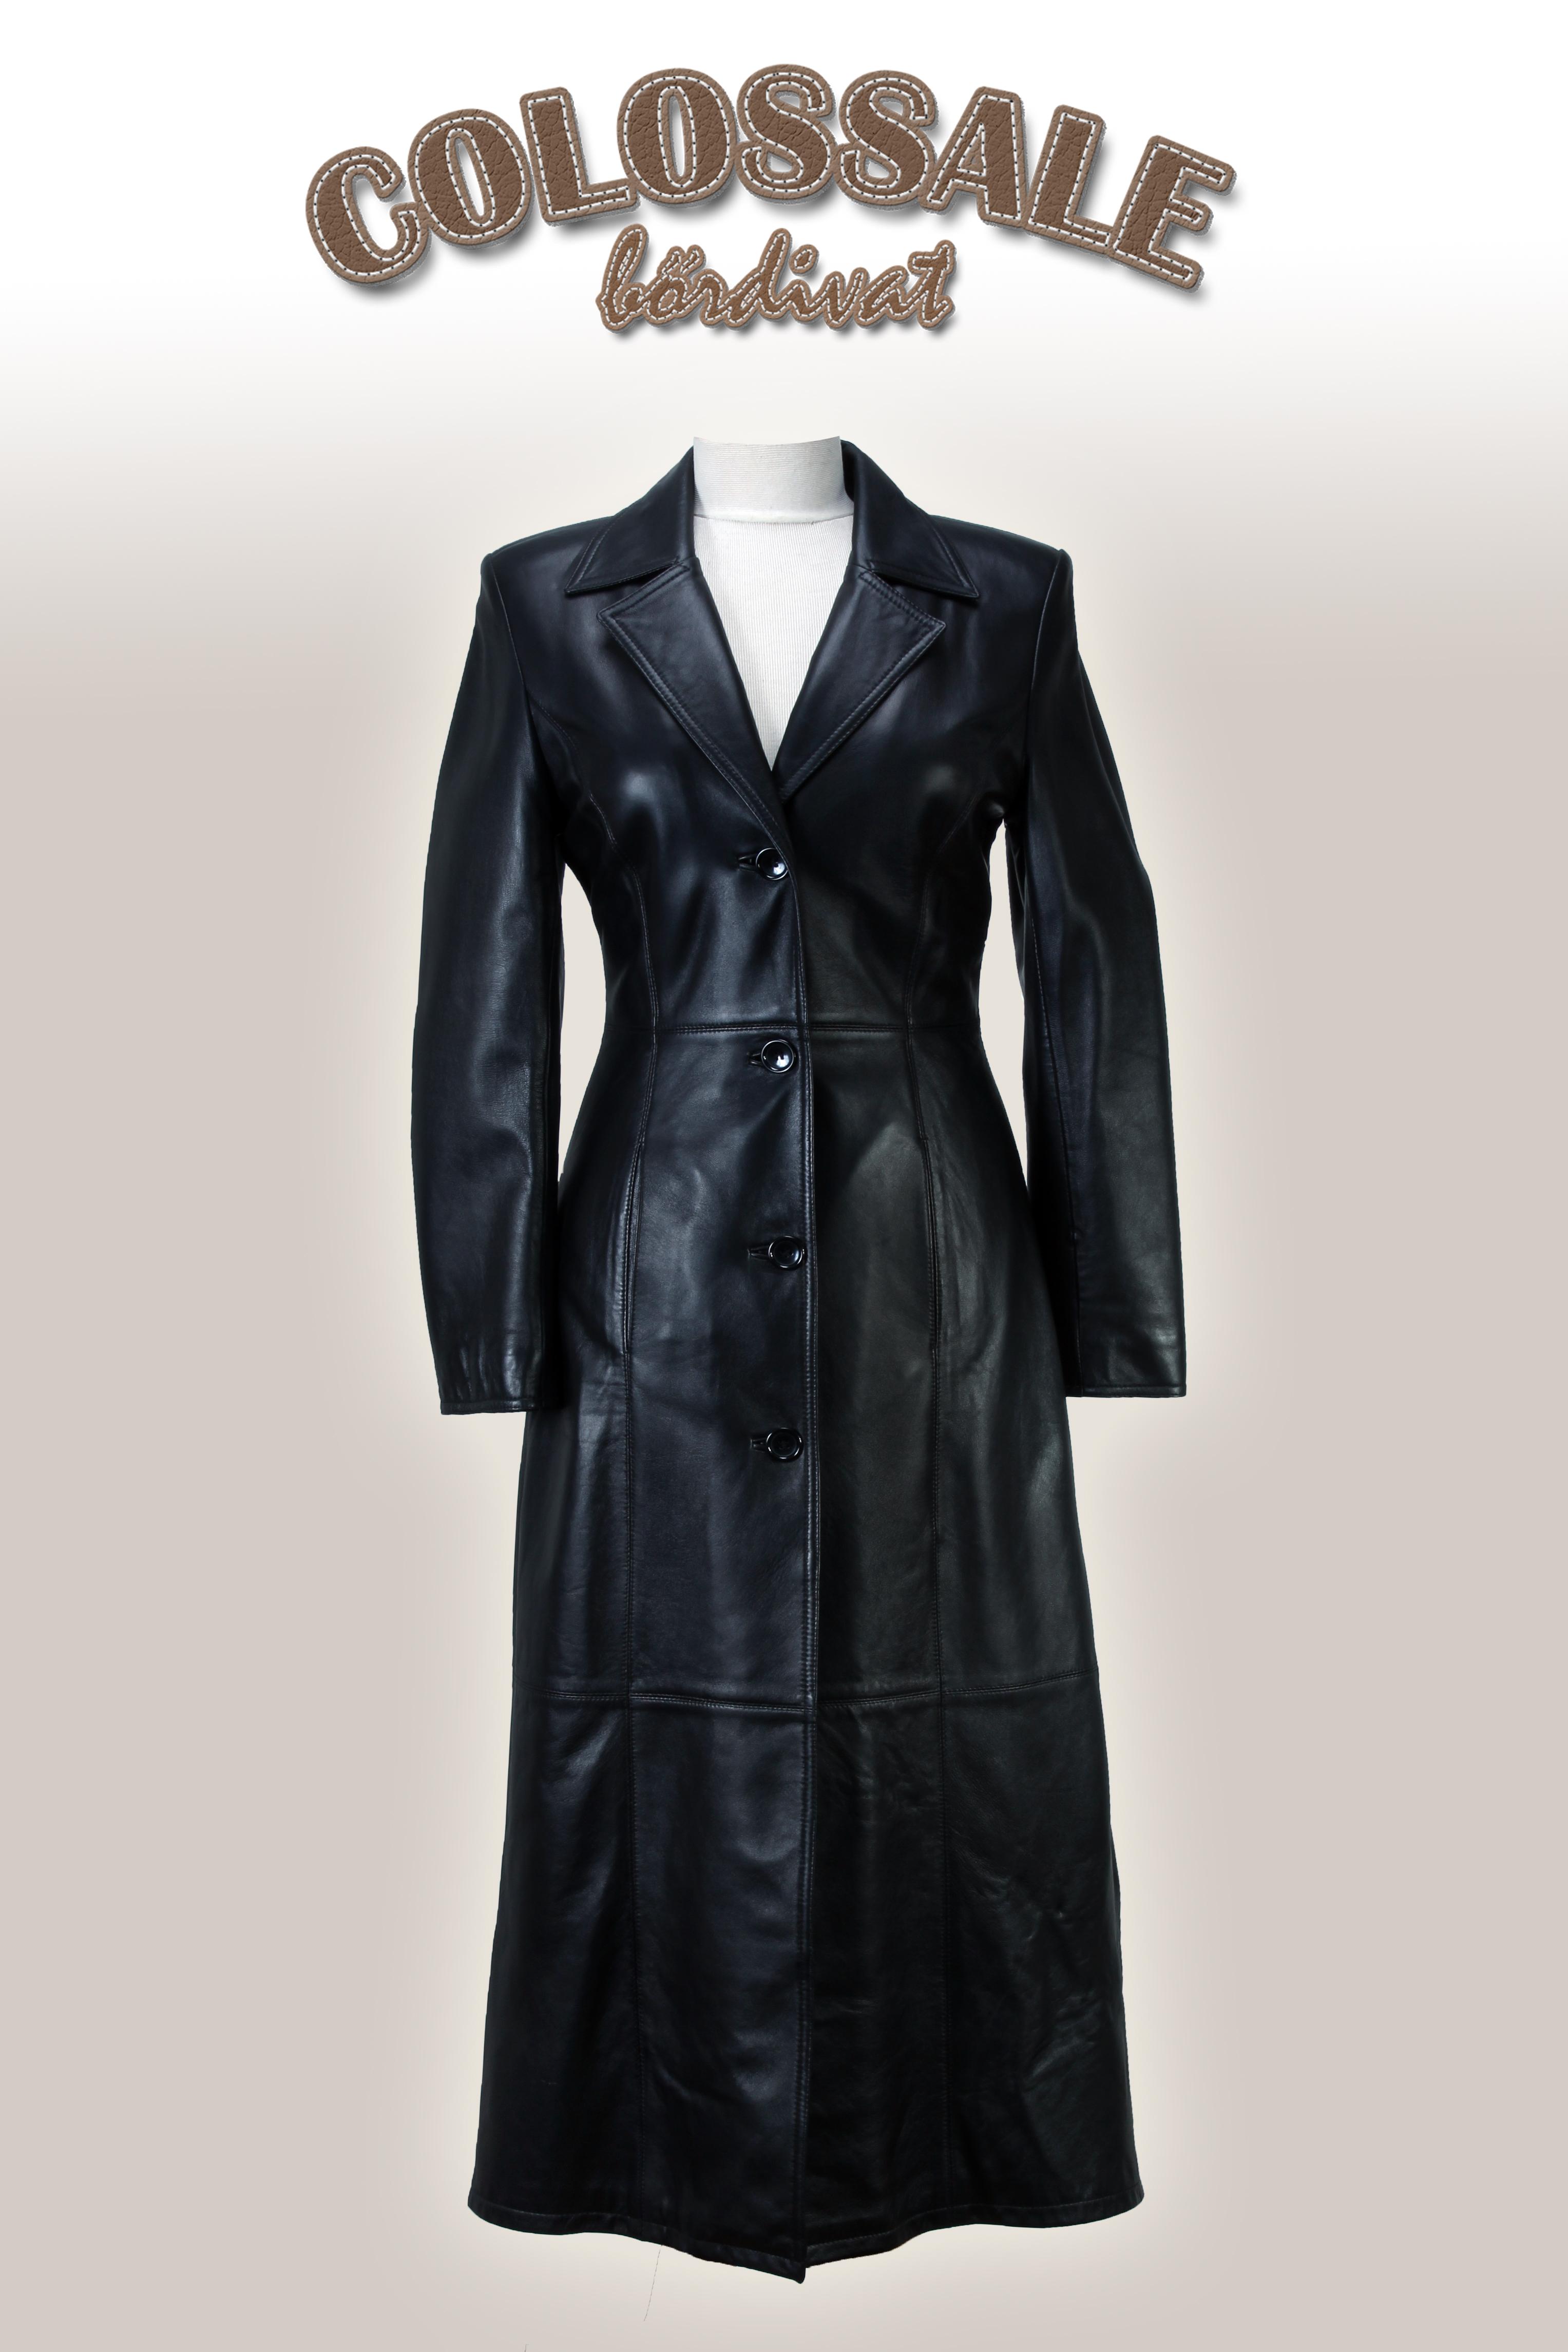 WESTERN hosszú női bőrkabát – Bőrkabát és bőrdzseki a gyártótól